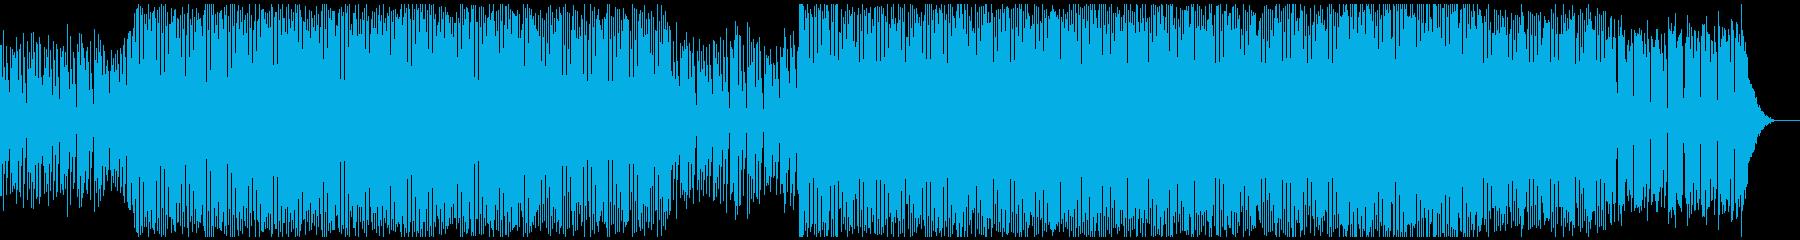 疾走感があって爽やかなEDMの再生済みの波形